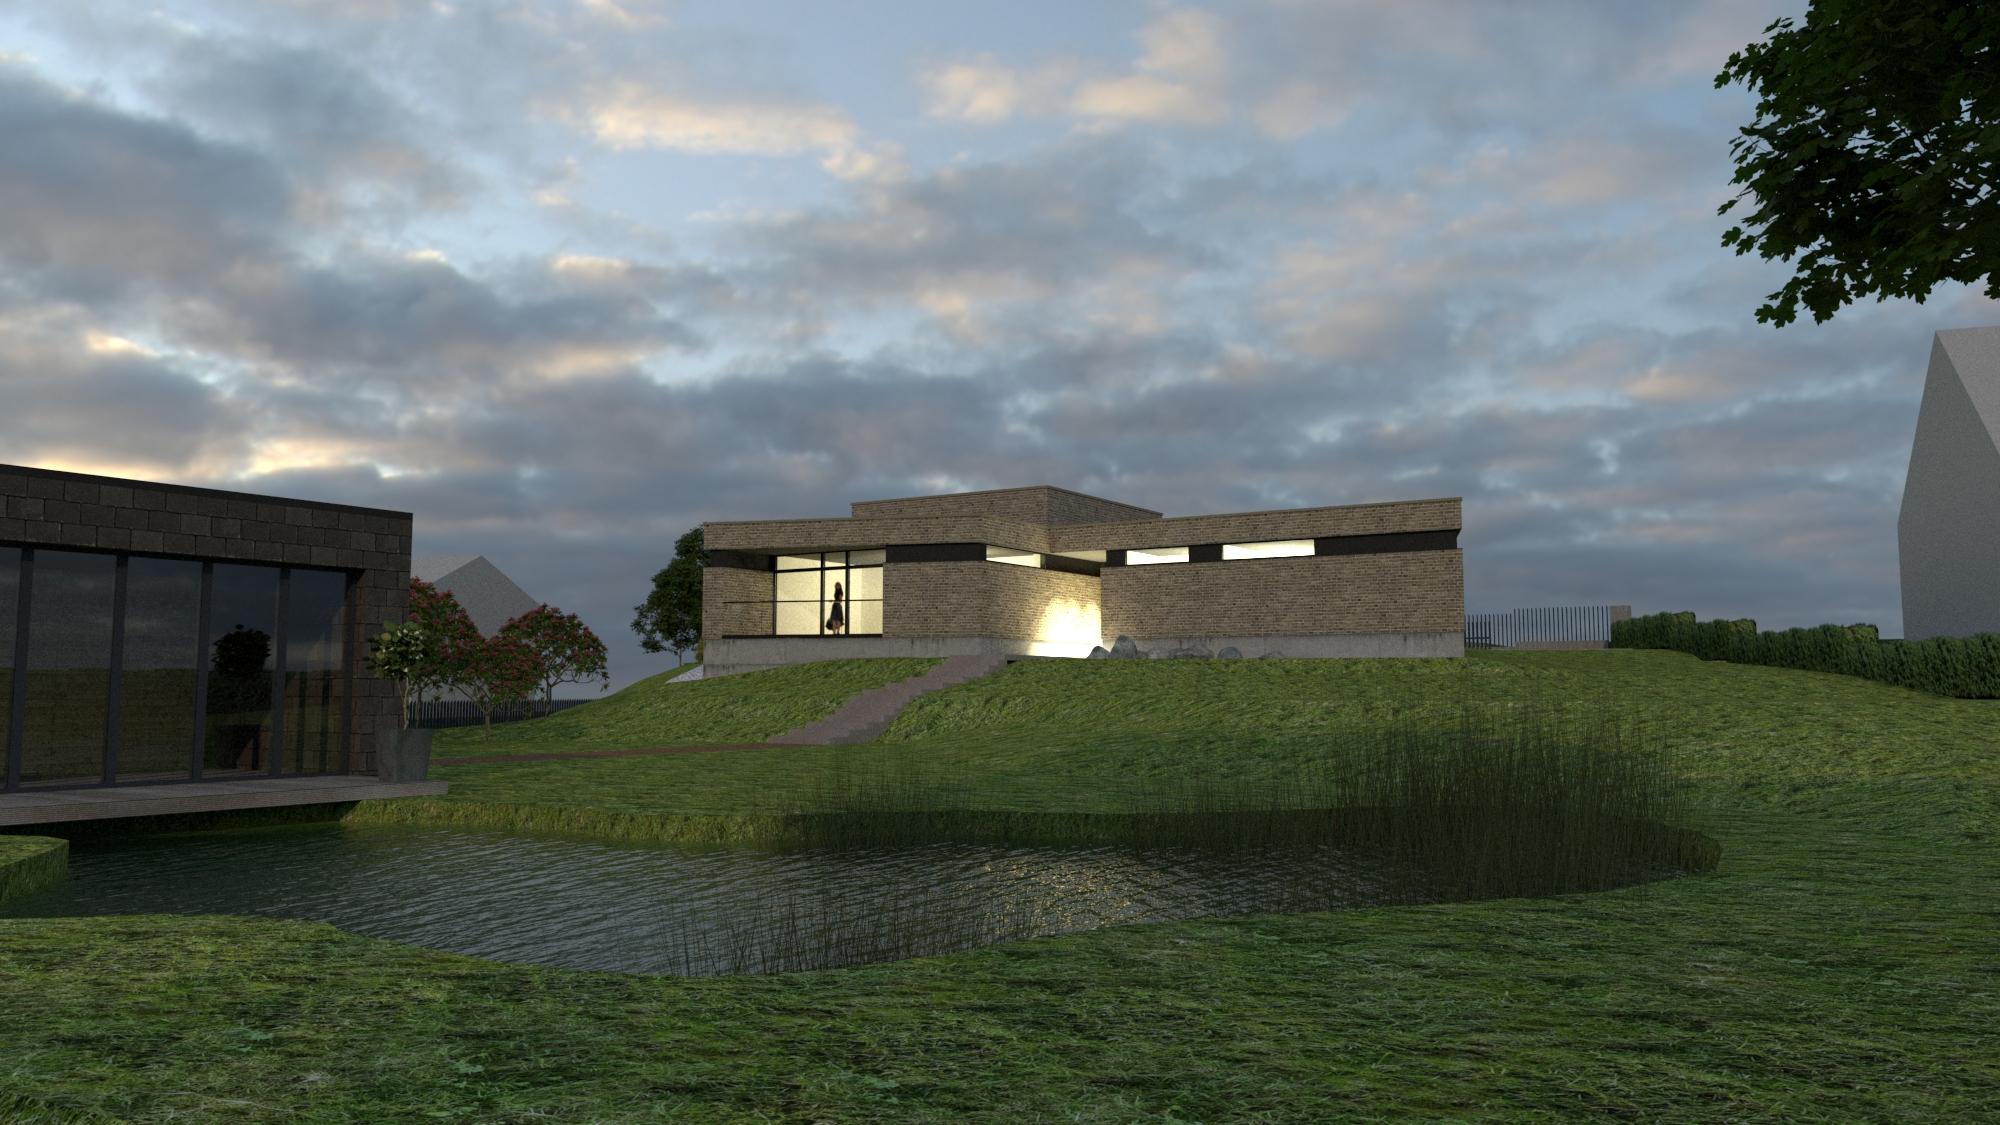 Gyvenamasis namas - 2019 Vilnius 2A - Architektas: R. Kazickas.